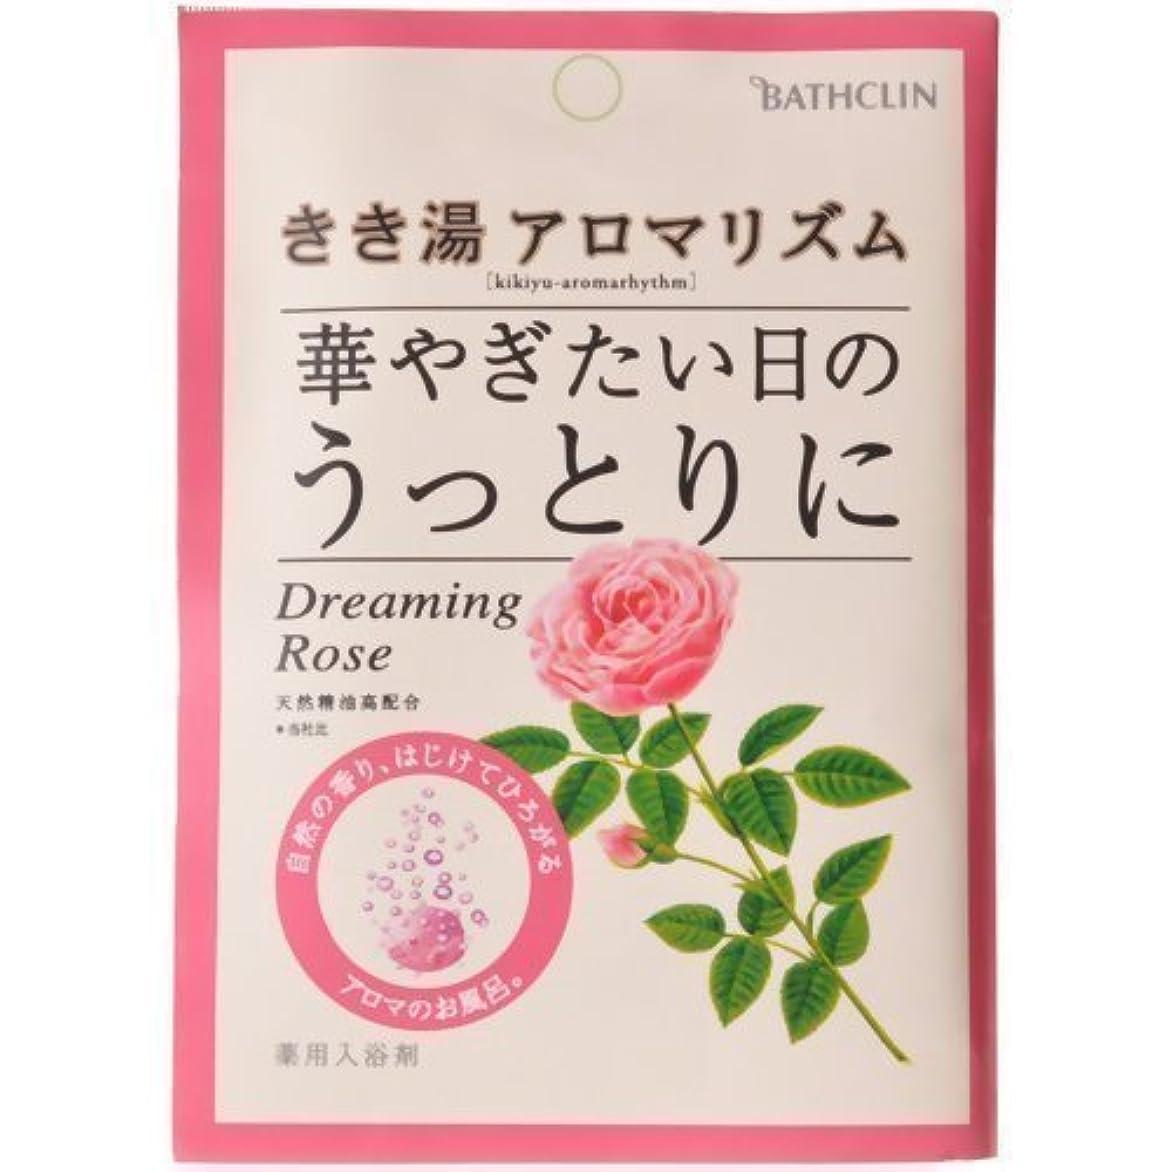 うれしい掘る中で【まとめ買い】きき湯 アロマリズム ドリーミングローズの香り 30g ×6個